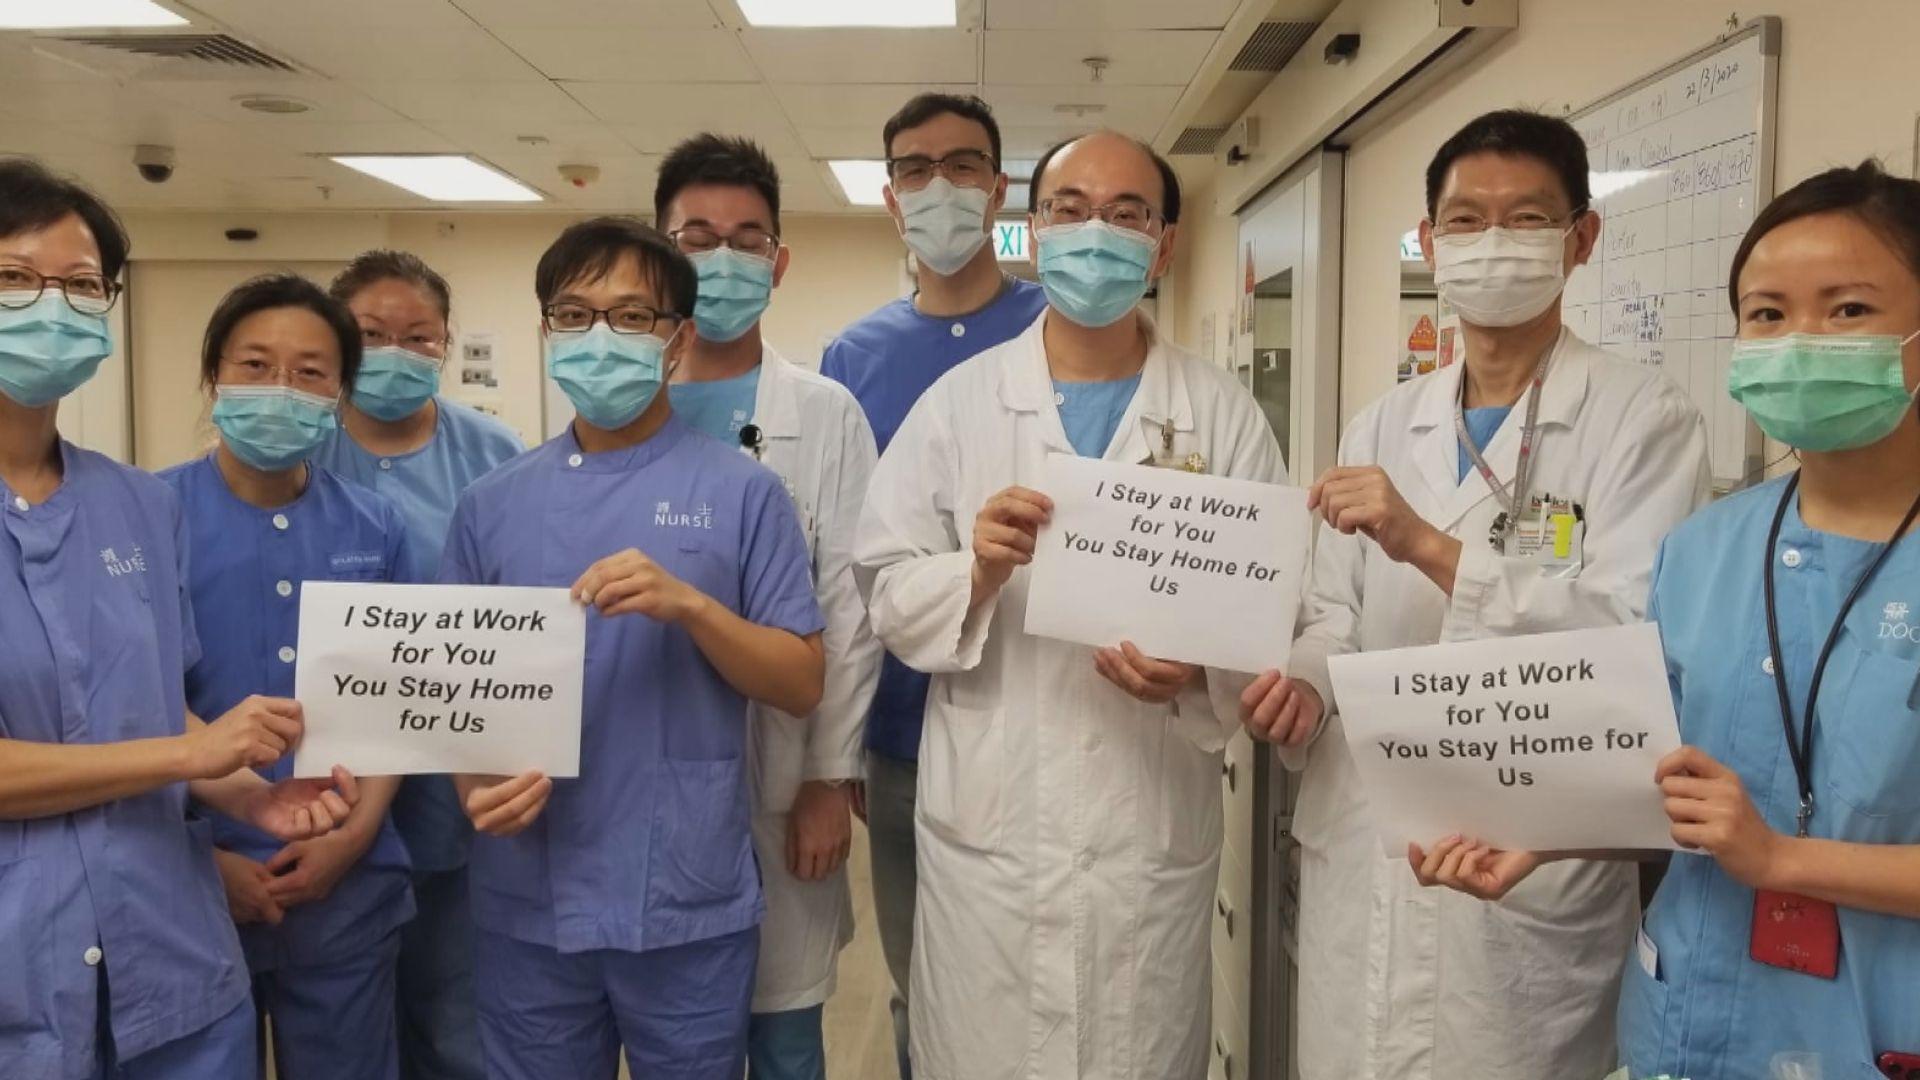 醫護人員自拍呼籲市民留在家中